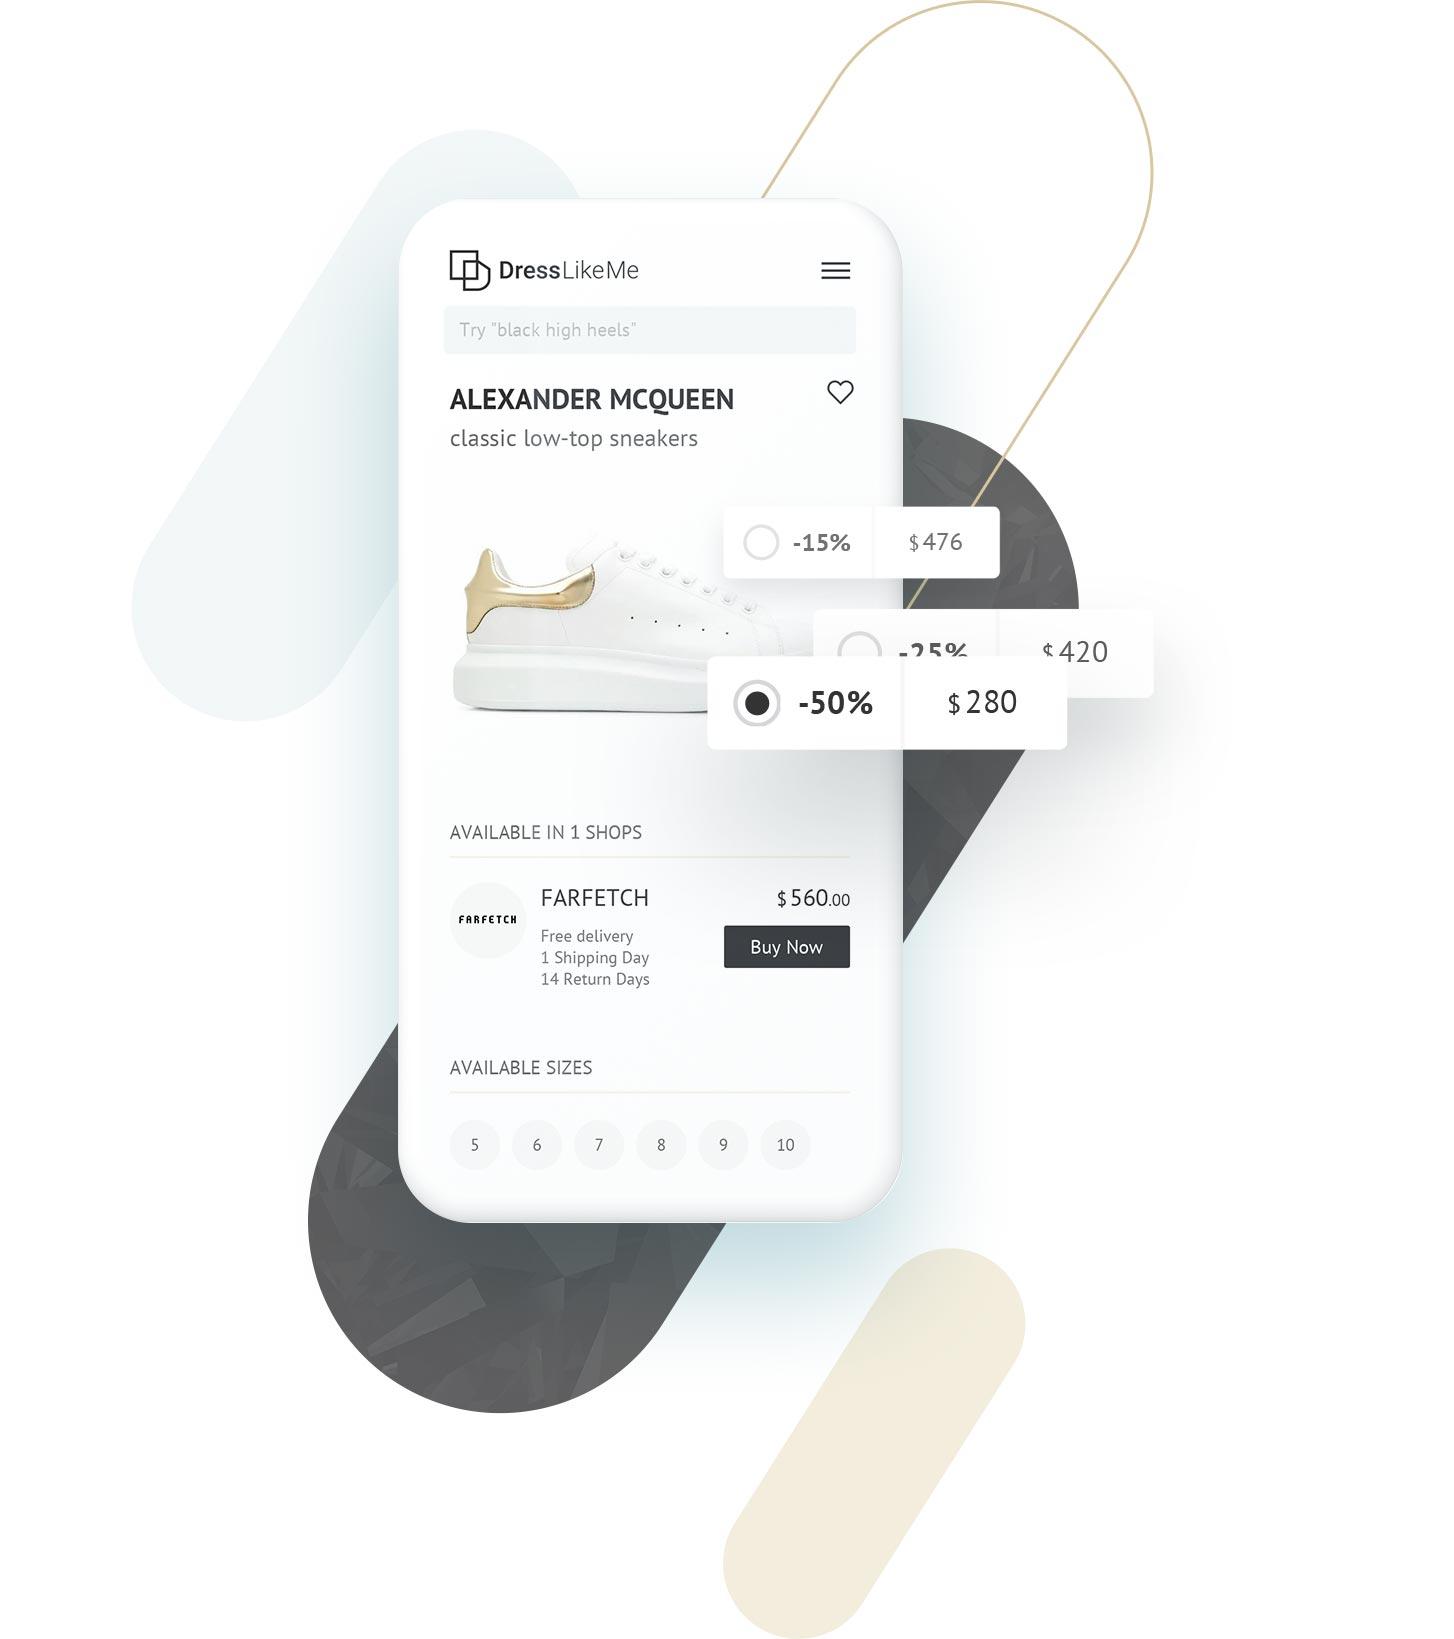 DressLikeMe: AI Fashion Platform